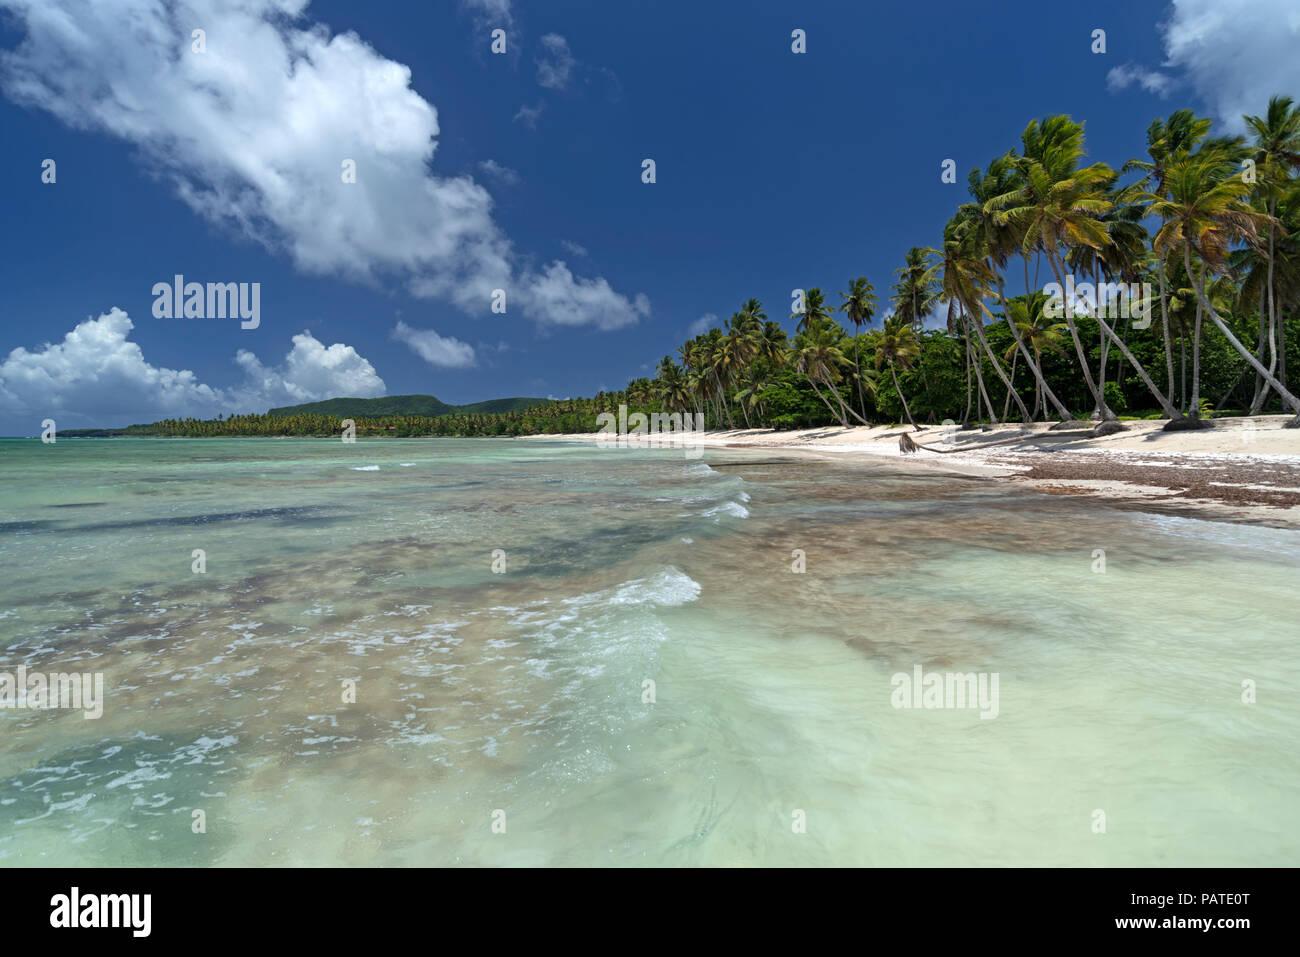 Playa caribe tropical en la República Dominicana Imagen De Stock